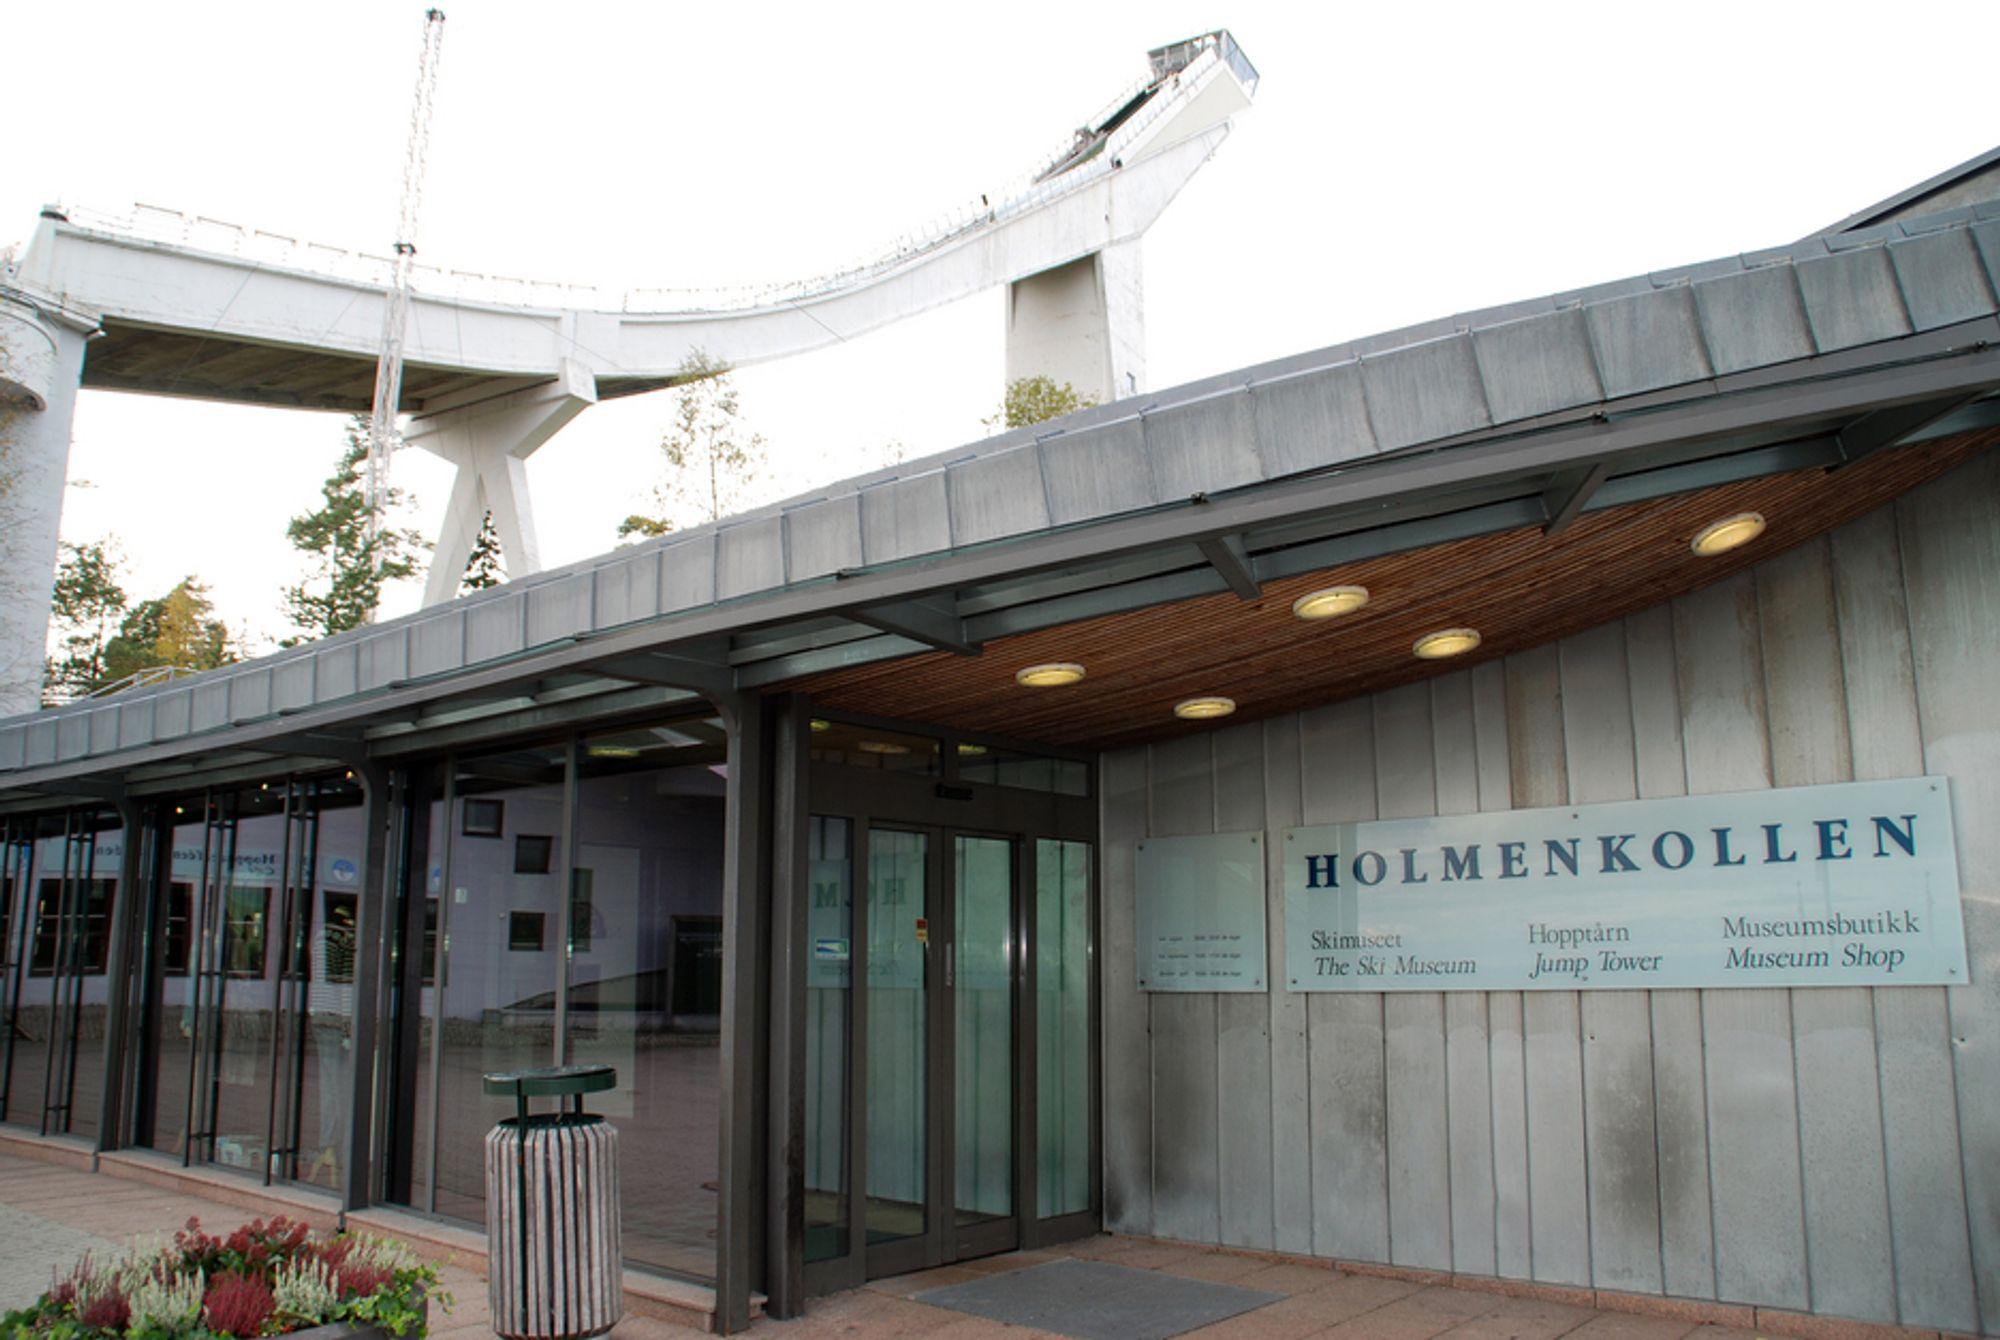 SPRENGES? Skimuseet er bygget inn i grunnen under Holmenkollen og strekker seg bort til tårnet hvor museet og hoppbakken forenes med heis og trapper til toppen. Men sprengingseksperter mener likevel det er fullt mulig å sprenge bakken uten å ramme museet.